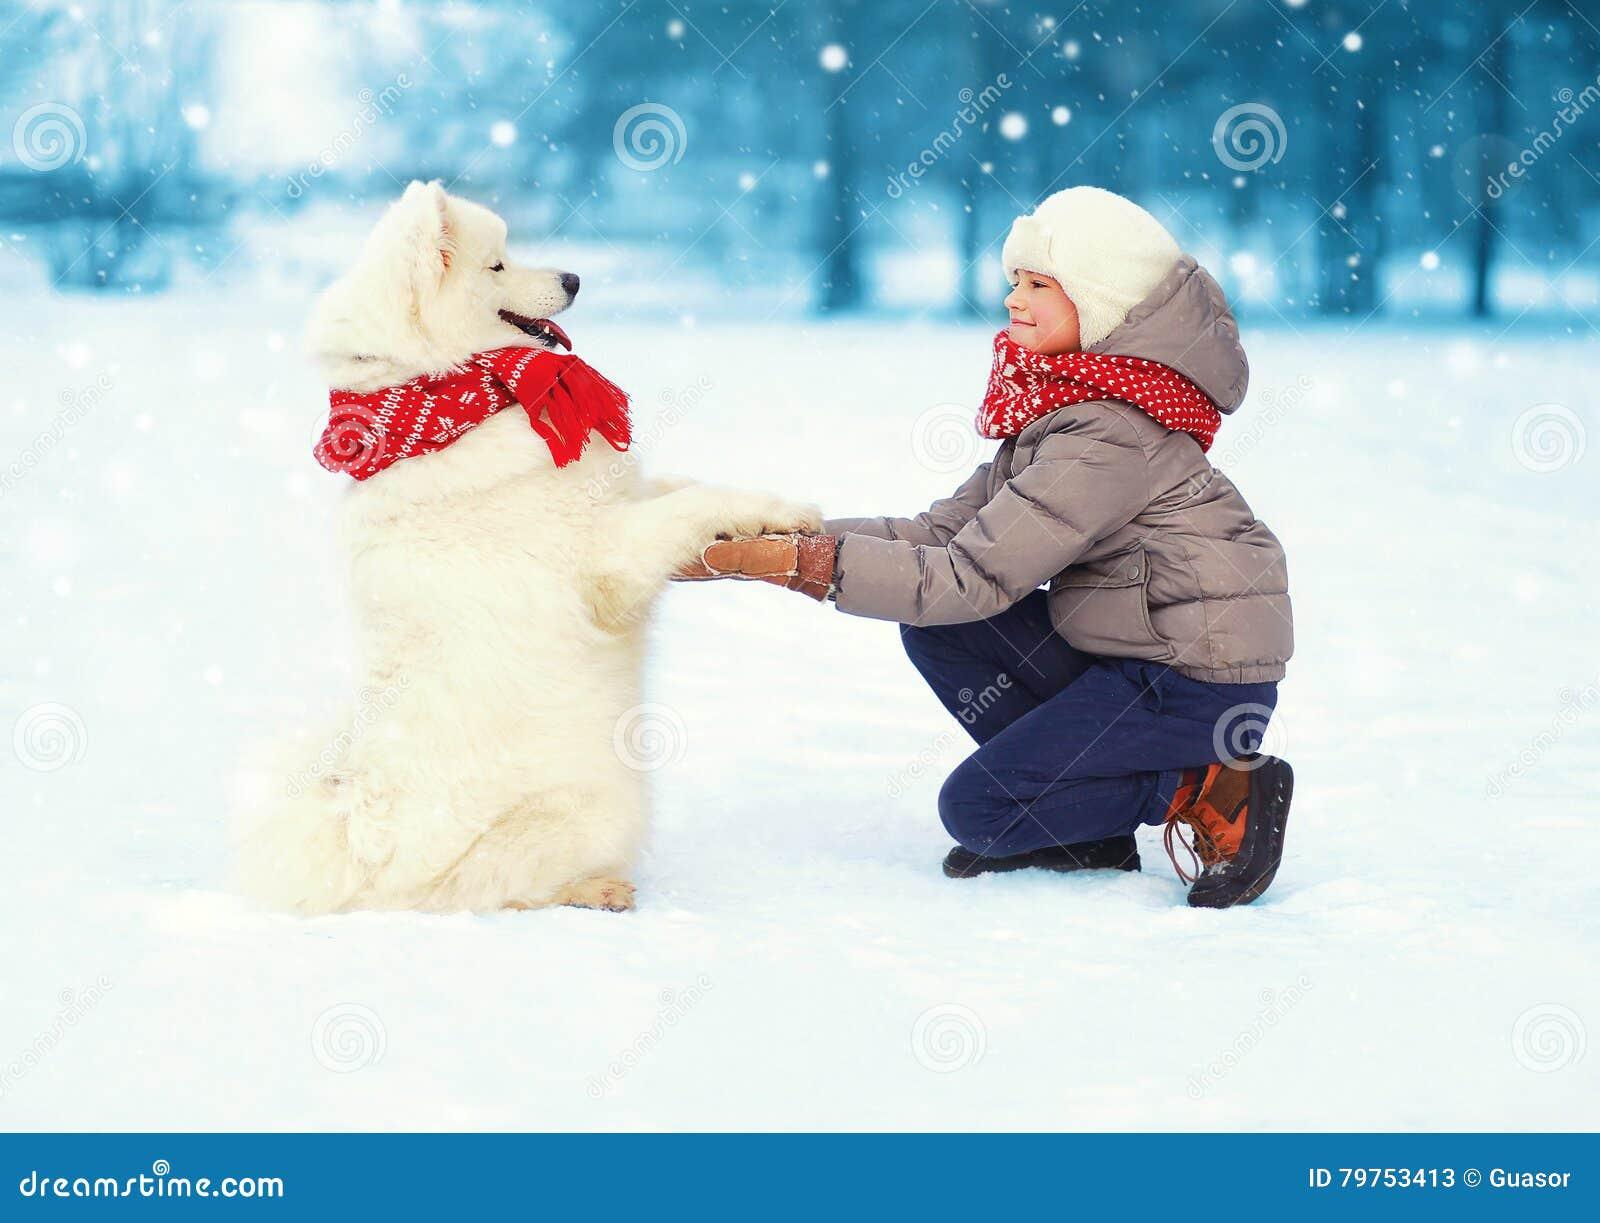 Bożenarodzeniowa szczęśliwa nastolatek chłopiec bawić się z białym Samoyed psem na śniegu w zima dniu, pozytywu pies daje łapy dz